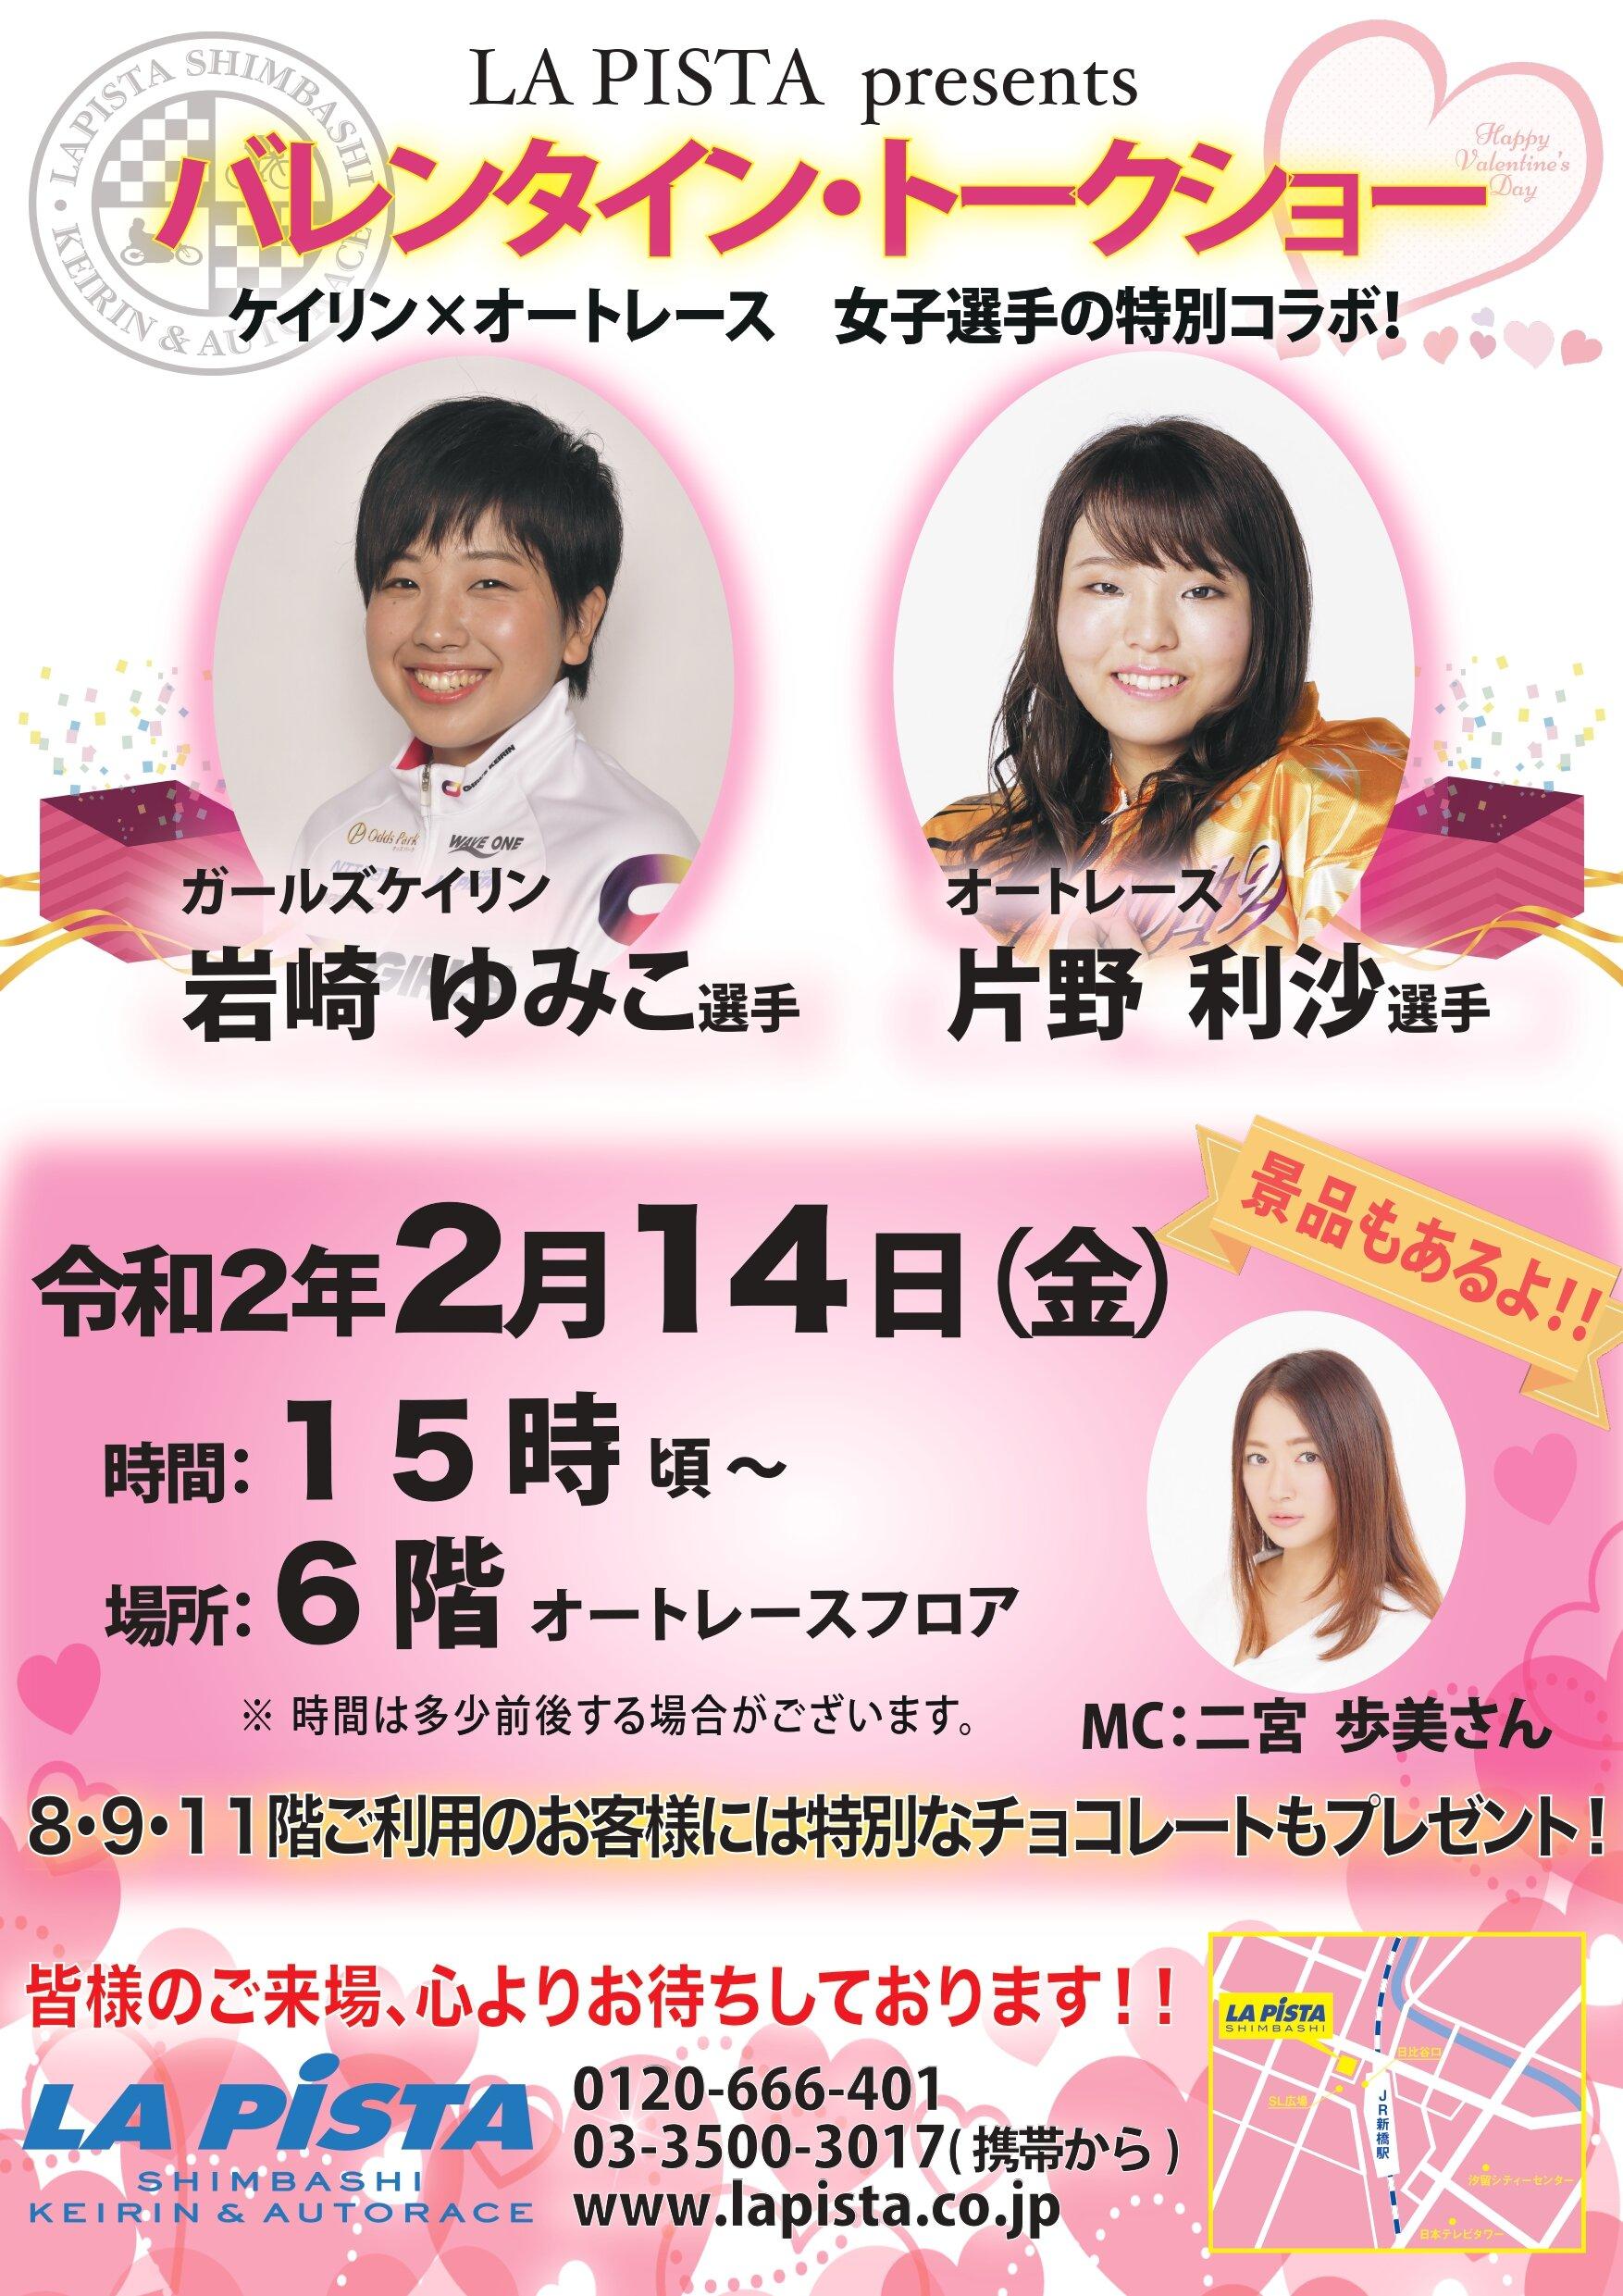 バレンタインポスター2(仮のコピー_page-0001.jpg